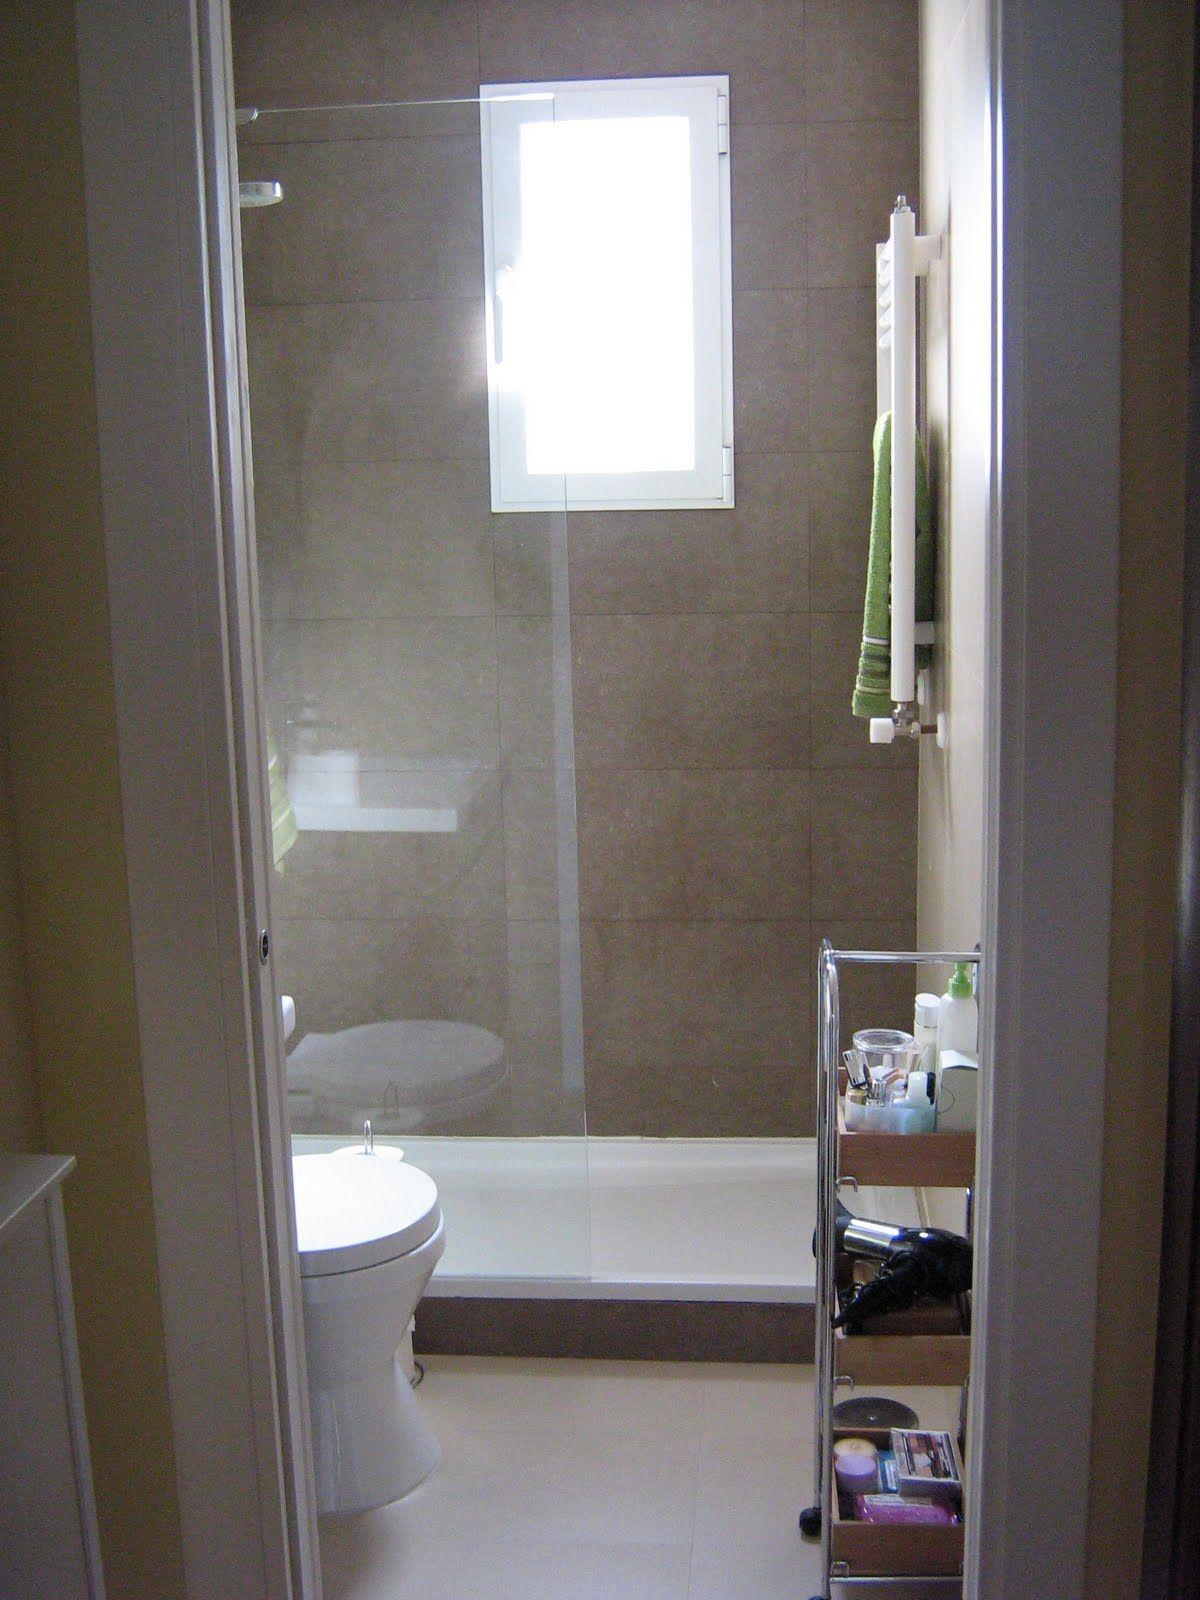 aprende diseño de baños pequeños con ducha. se un baño amplio o de